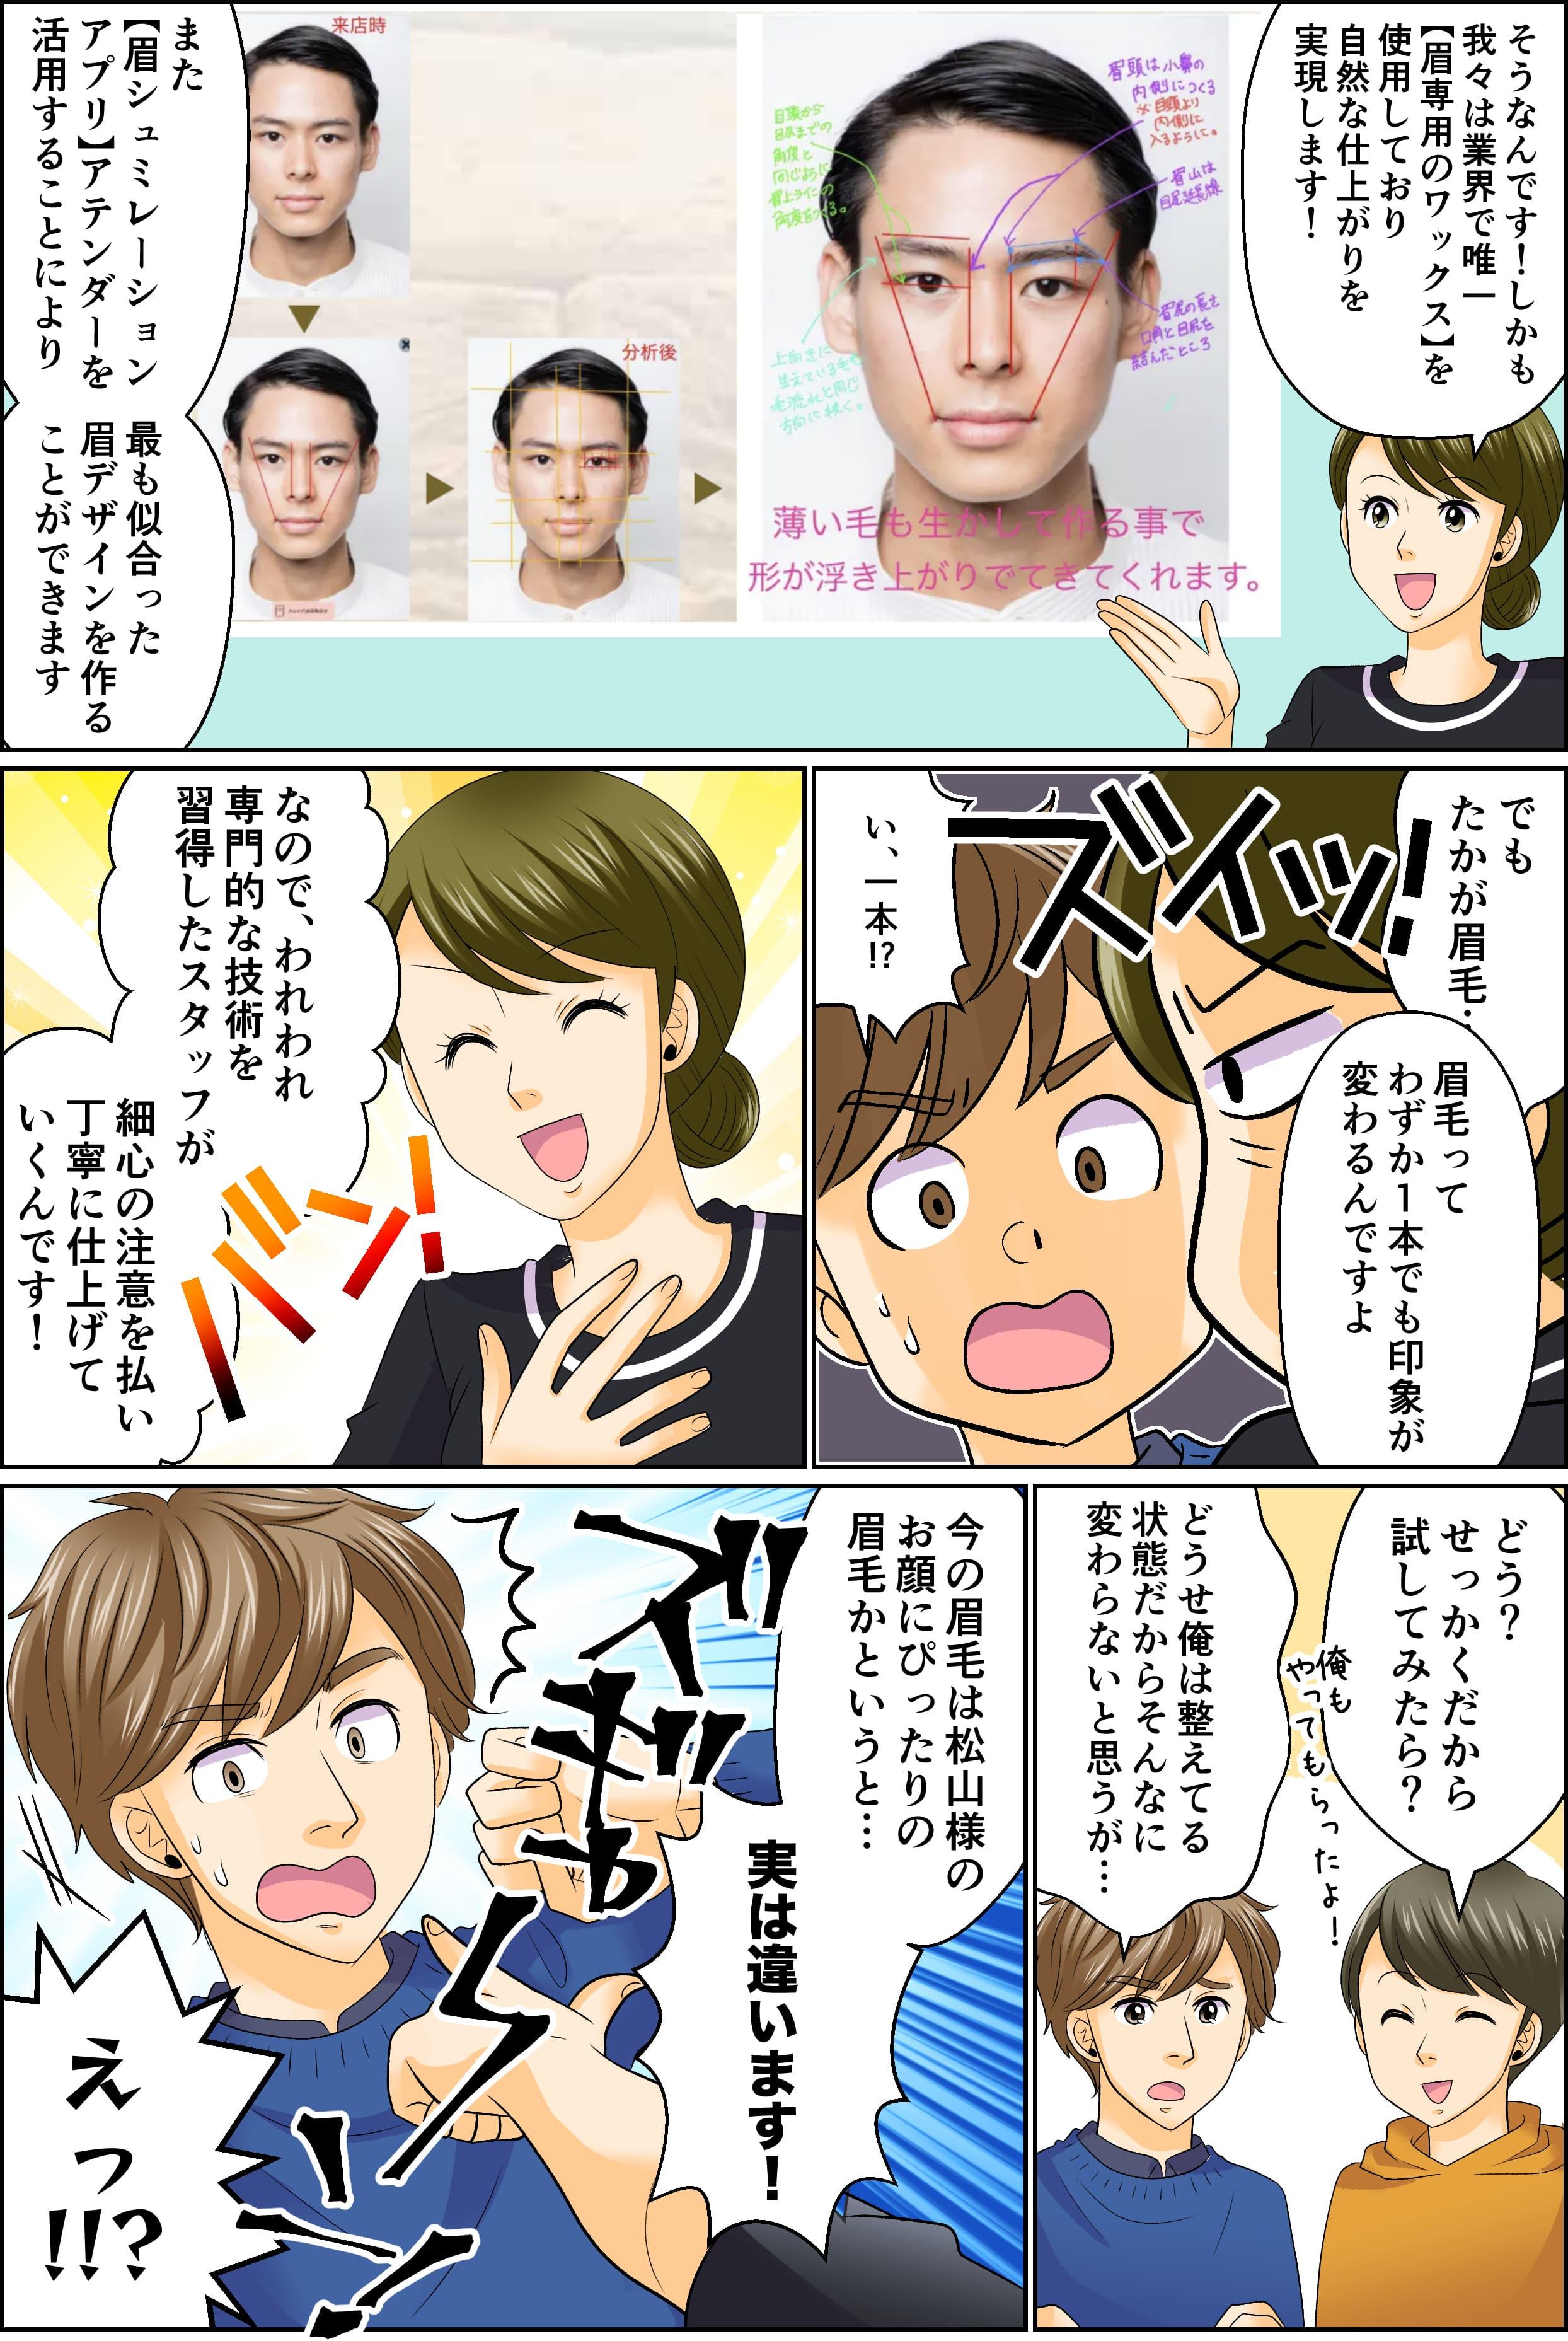 眉毛施術【自分にふさわしい】3